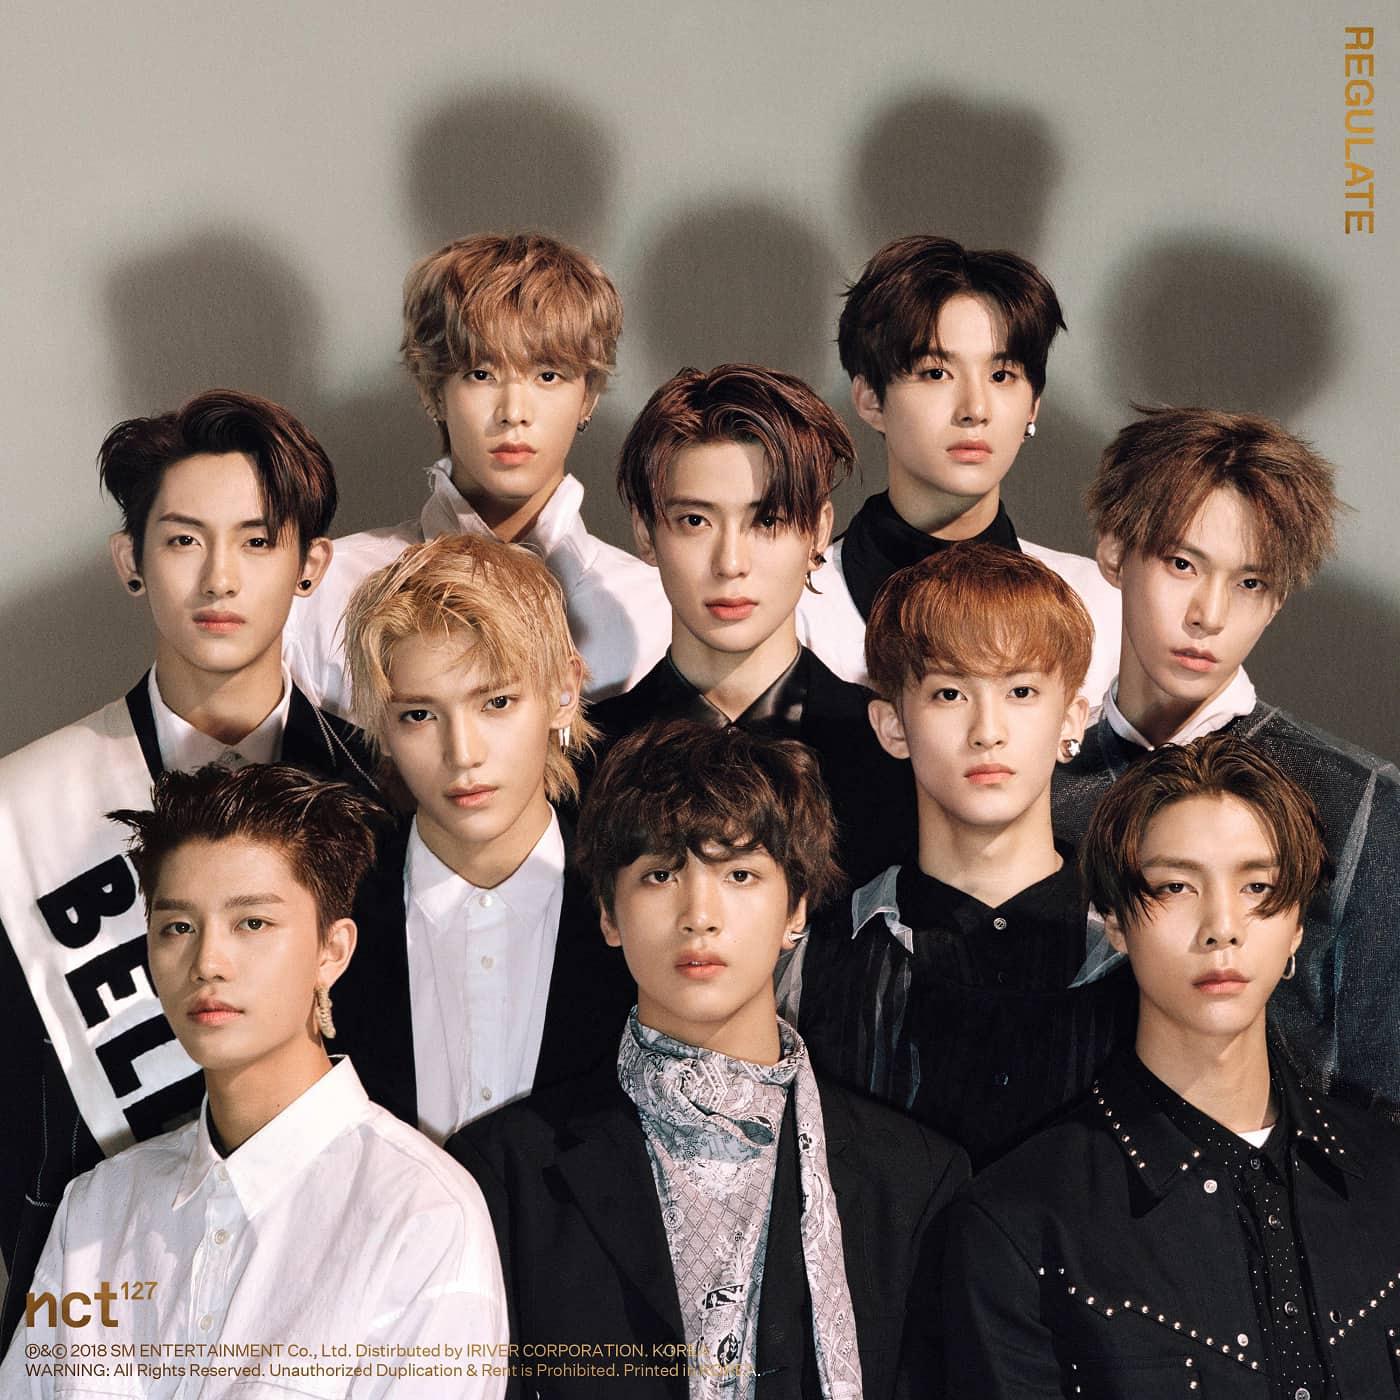 Nhóm Nhạc C'BOYS đạo Nhái EXO BTS NCT 127